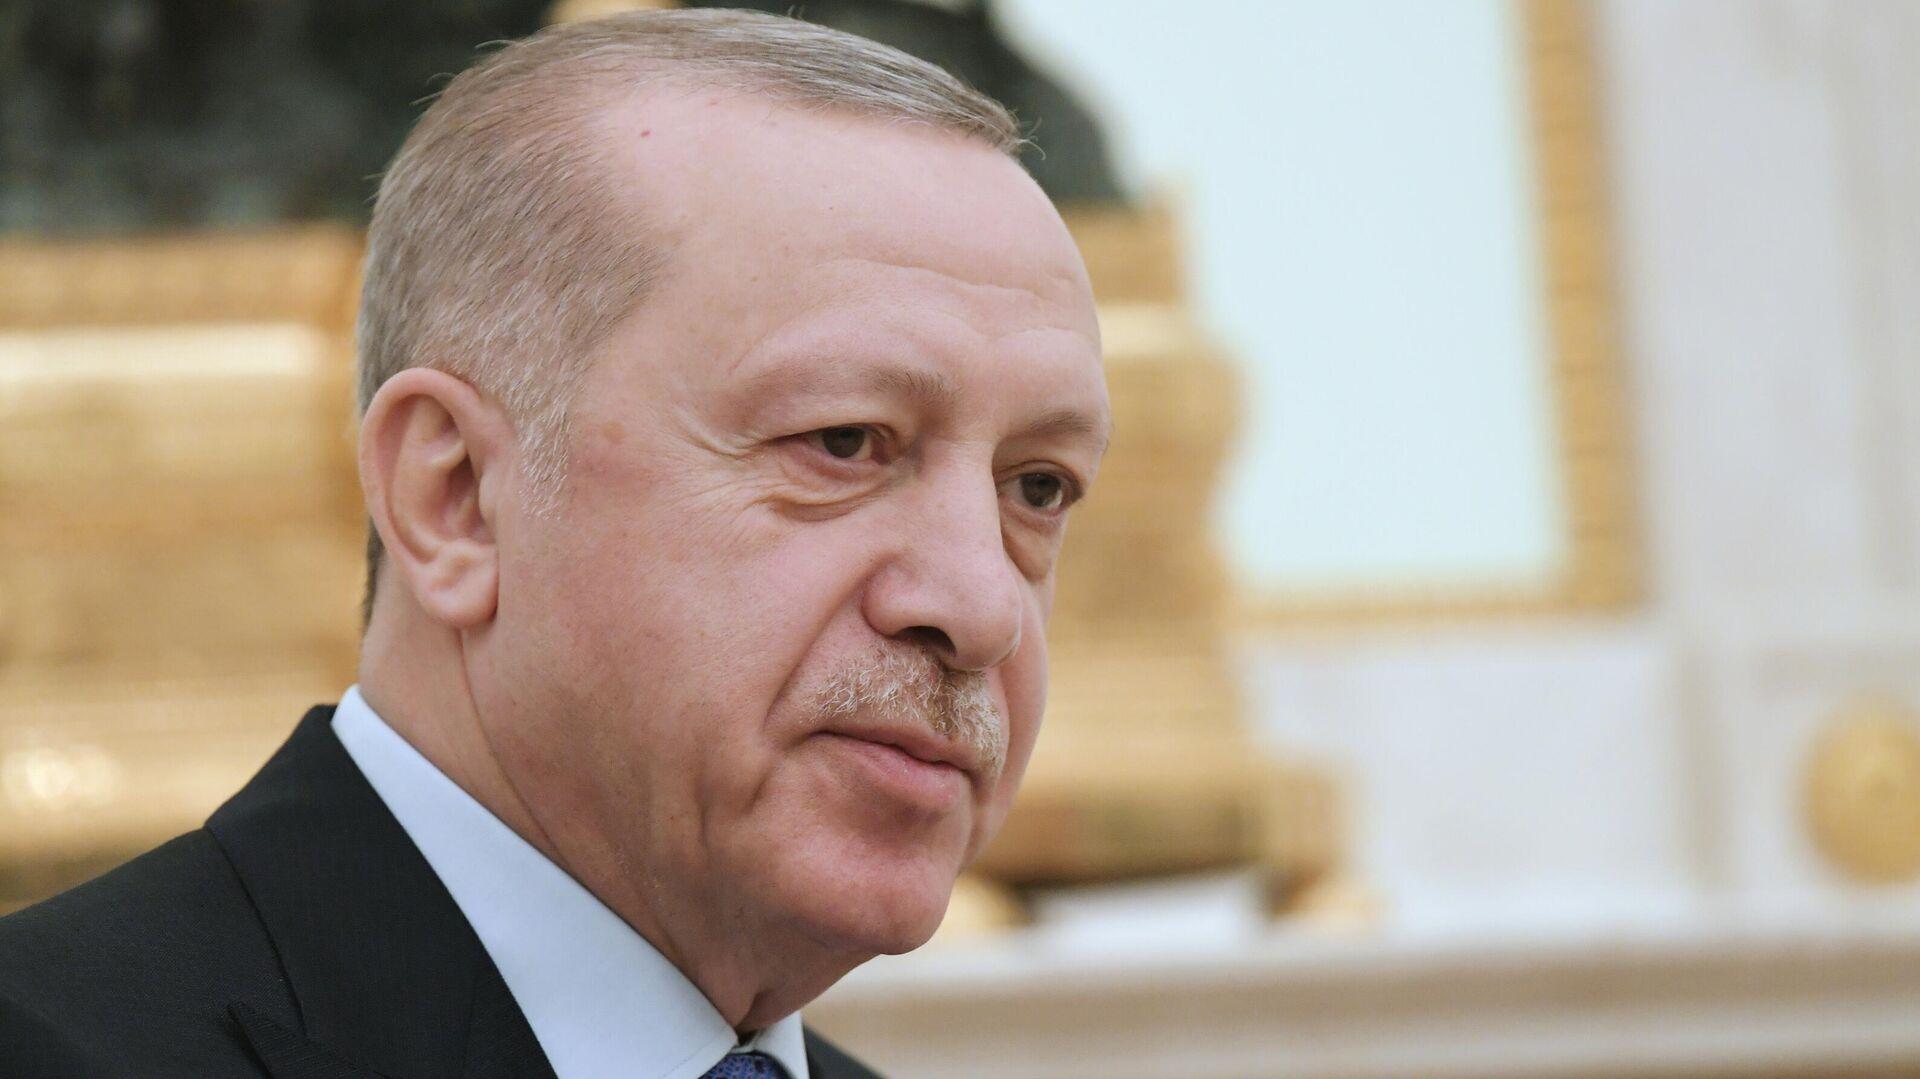 Президент Турции Реджеп Тайип Эрдоган во время встречи с президентом РФ Владимиром Путиным - РИА Новости, 1920, 09.12.2020